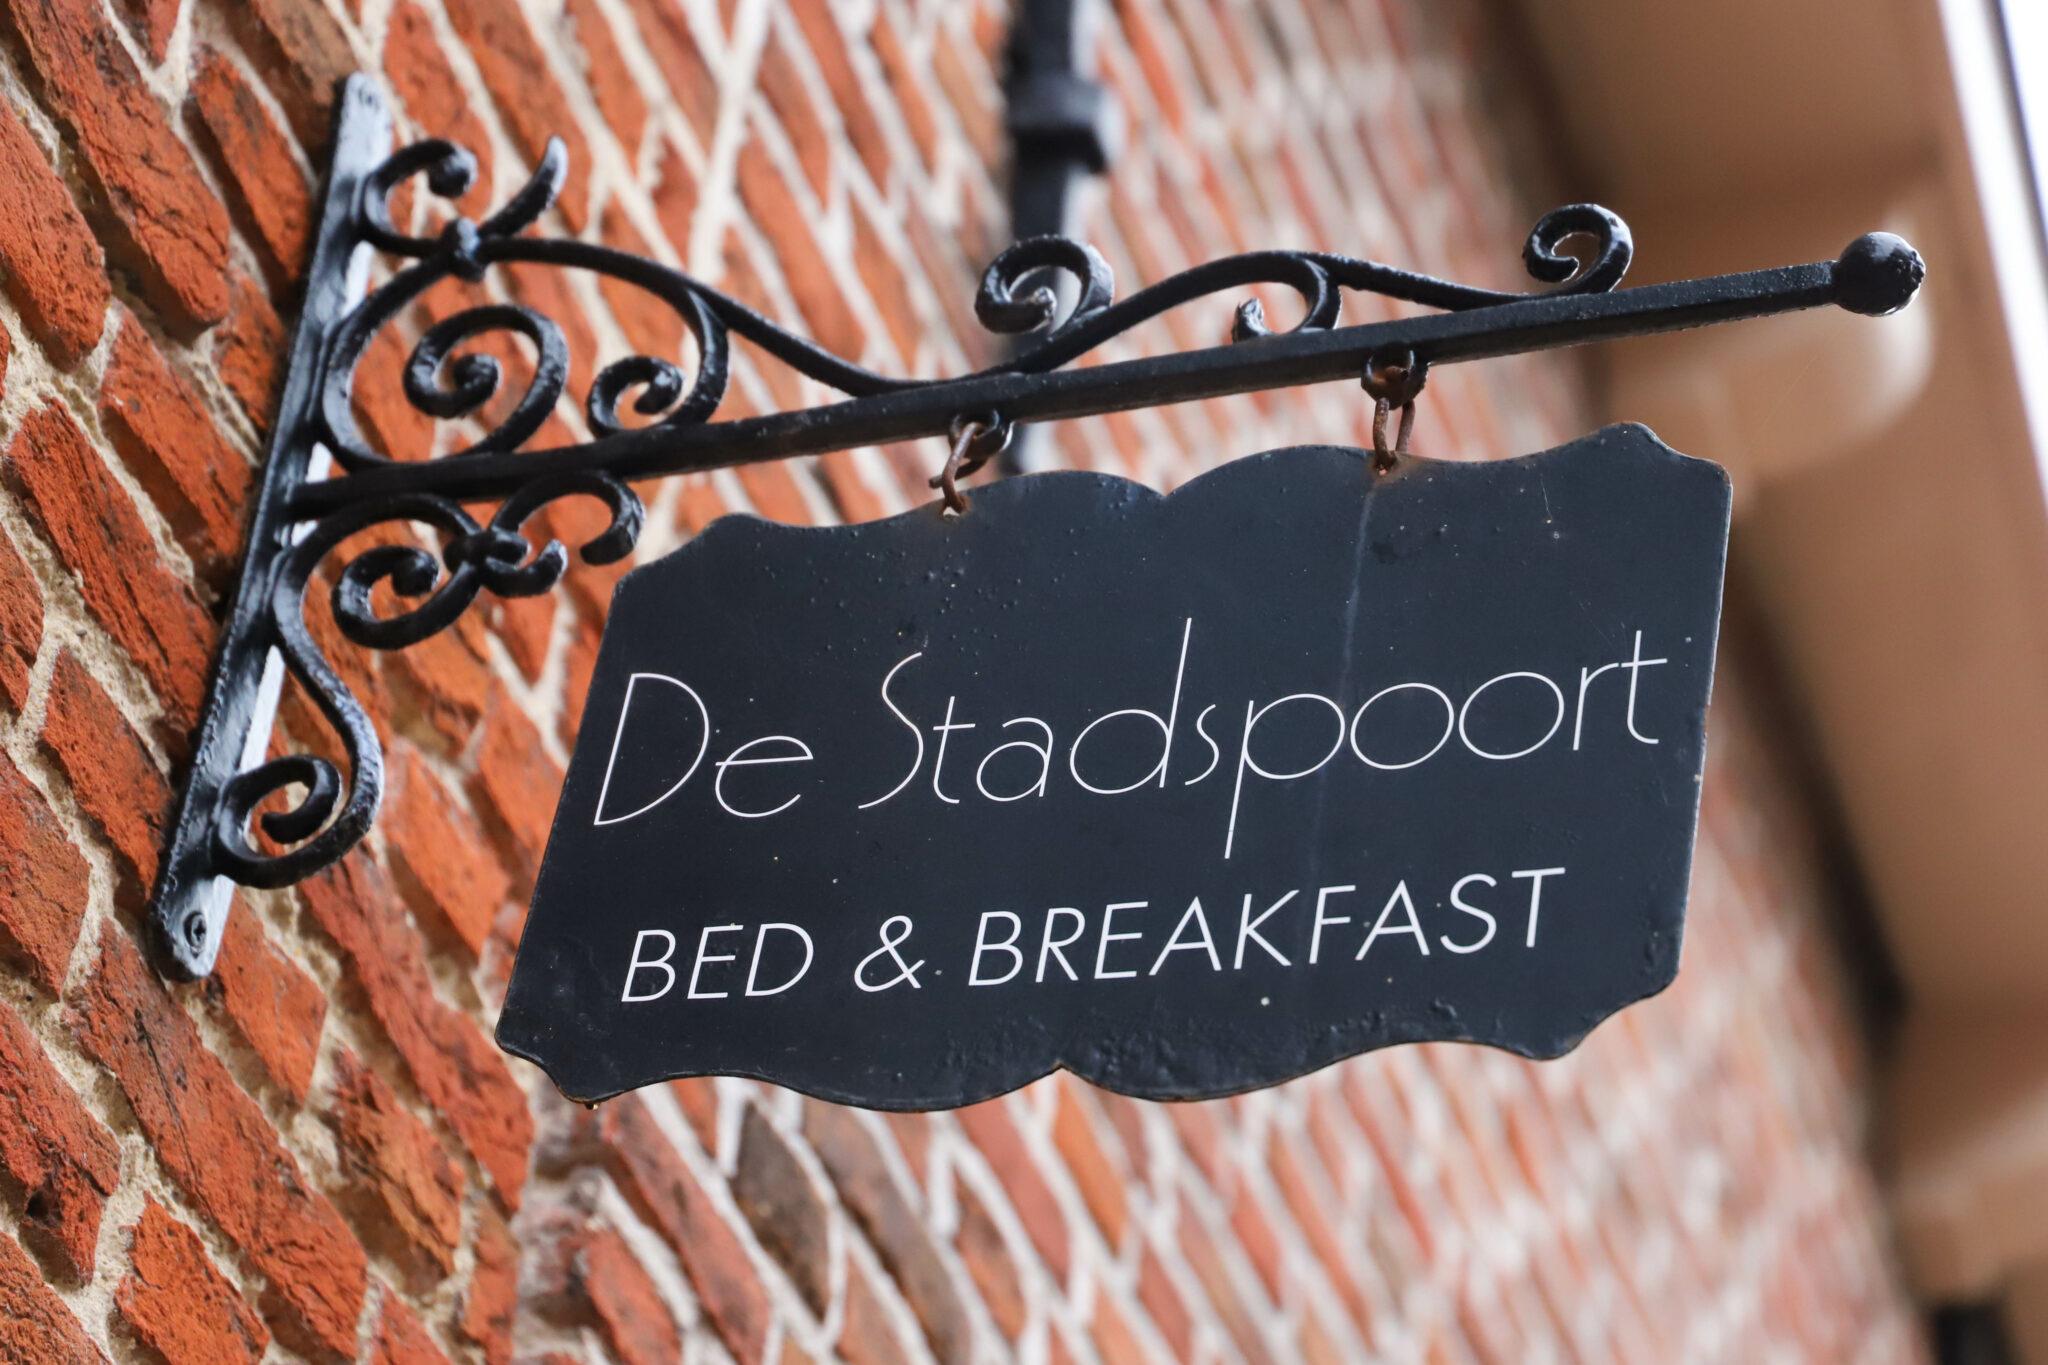 gevangenpoortstraat de stadspoort bed & breakfast b&B bed and breakfast bergen op zoom